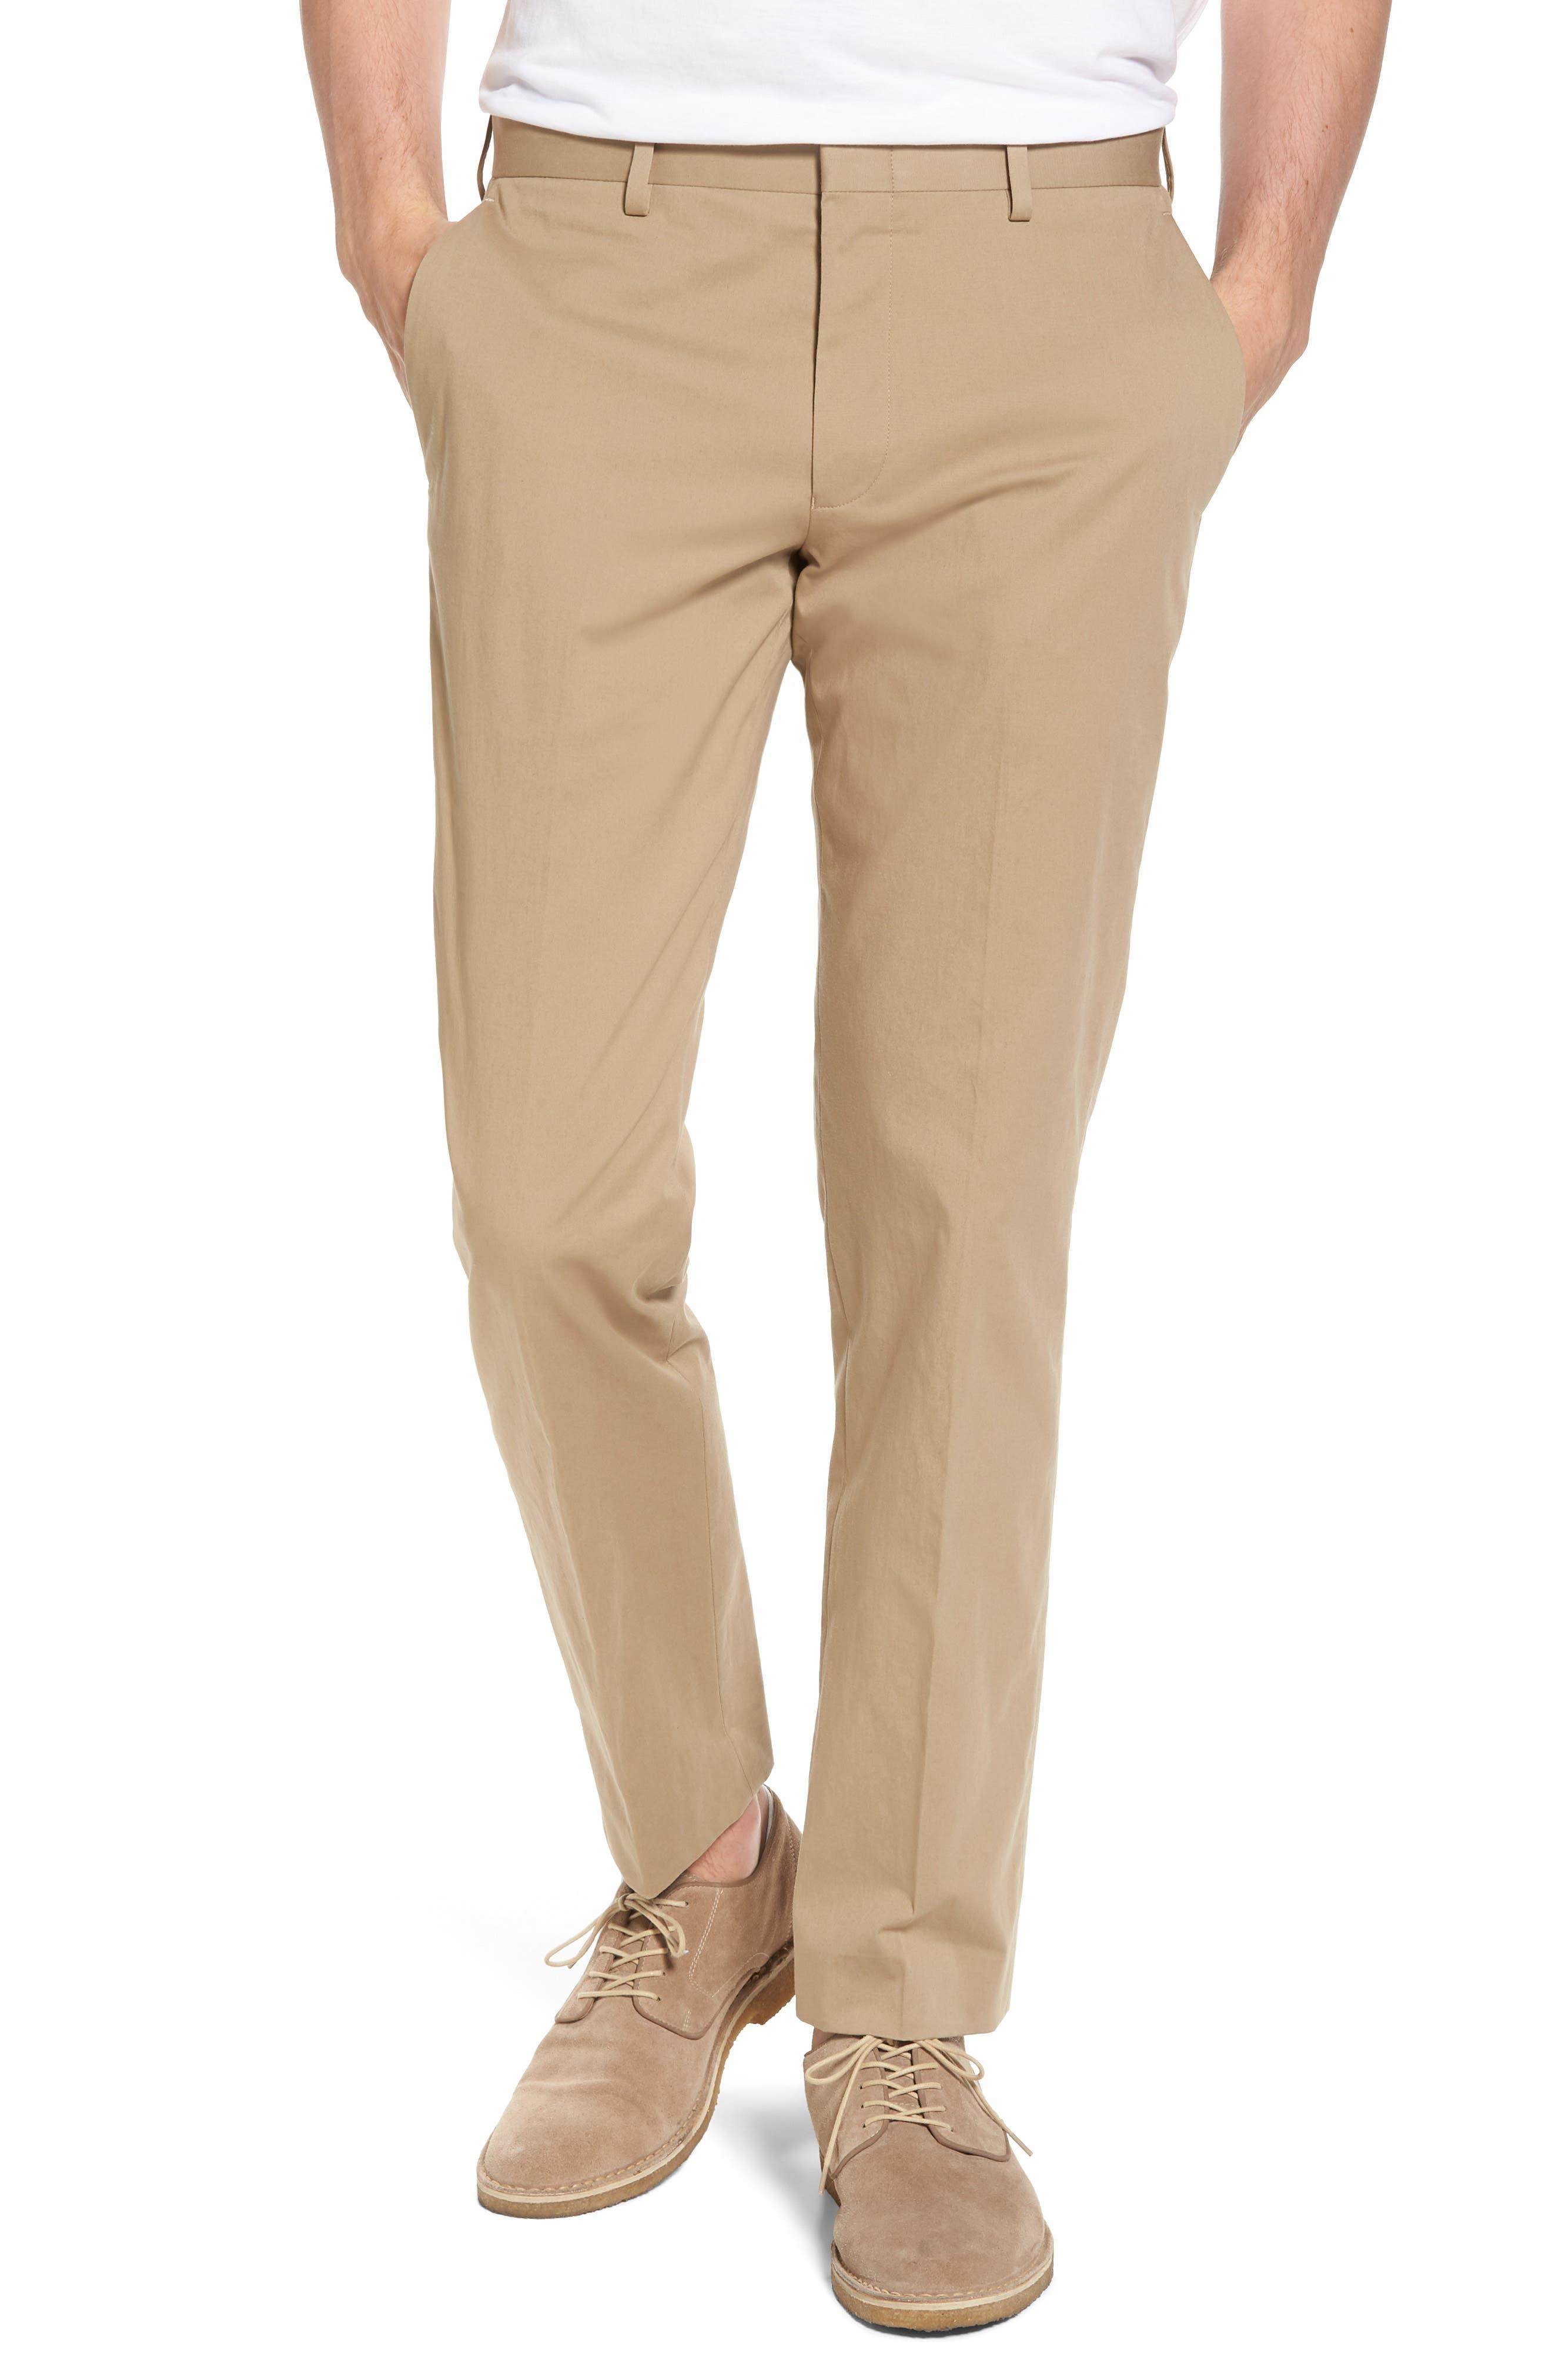 J.Crew Ludlow Stretch Chino Suit Pants,                         Main,                         color, Khaki